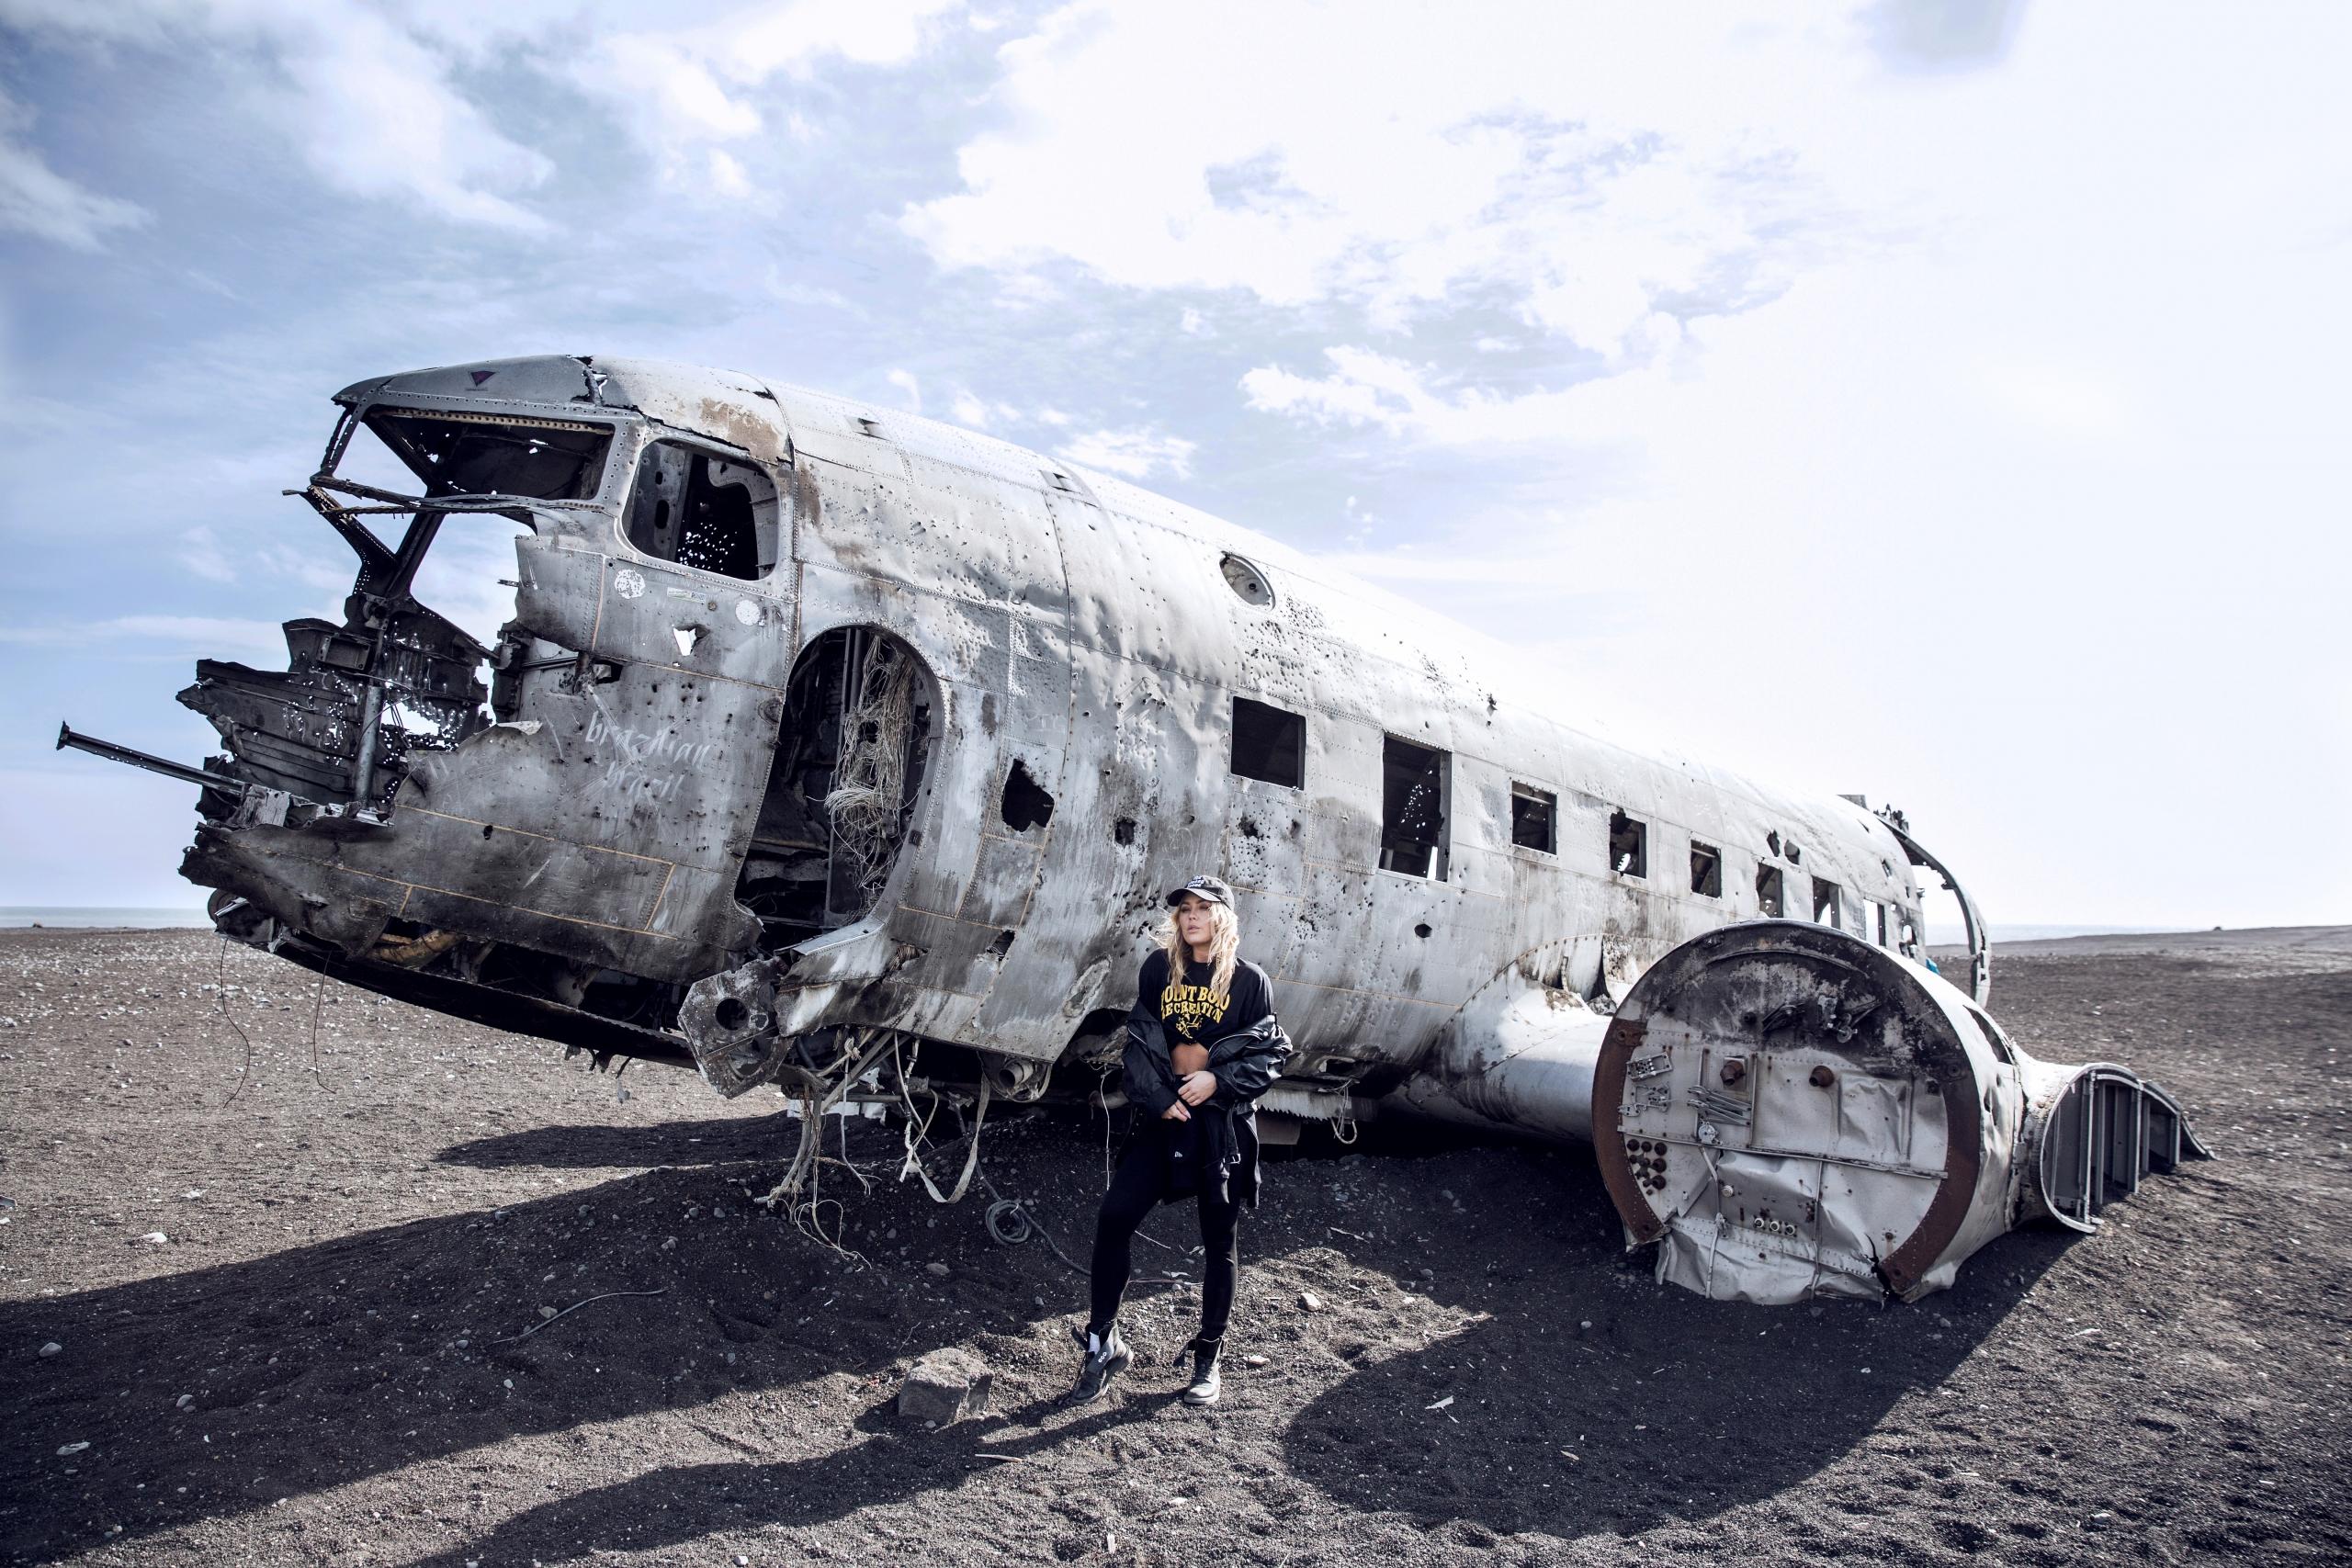 Crashed airplane Iceland